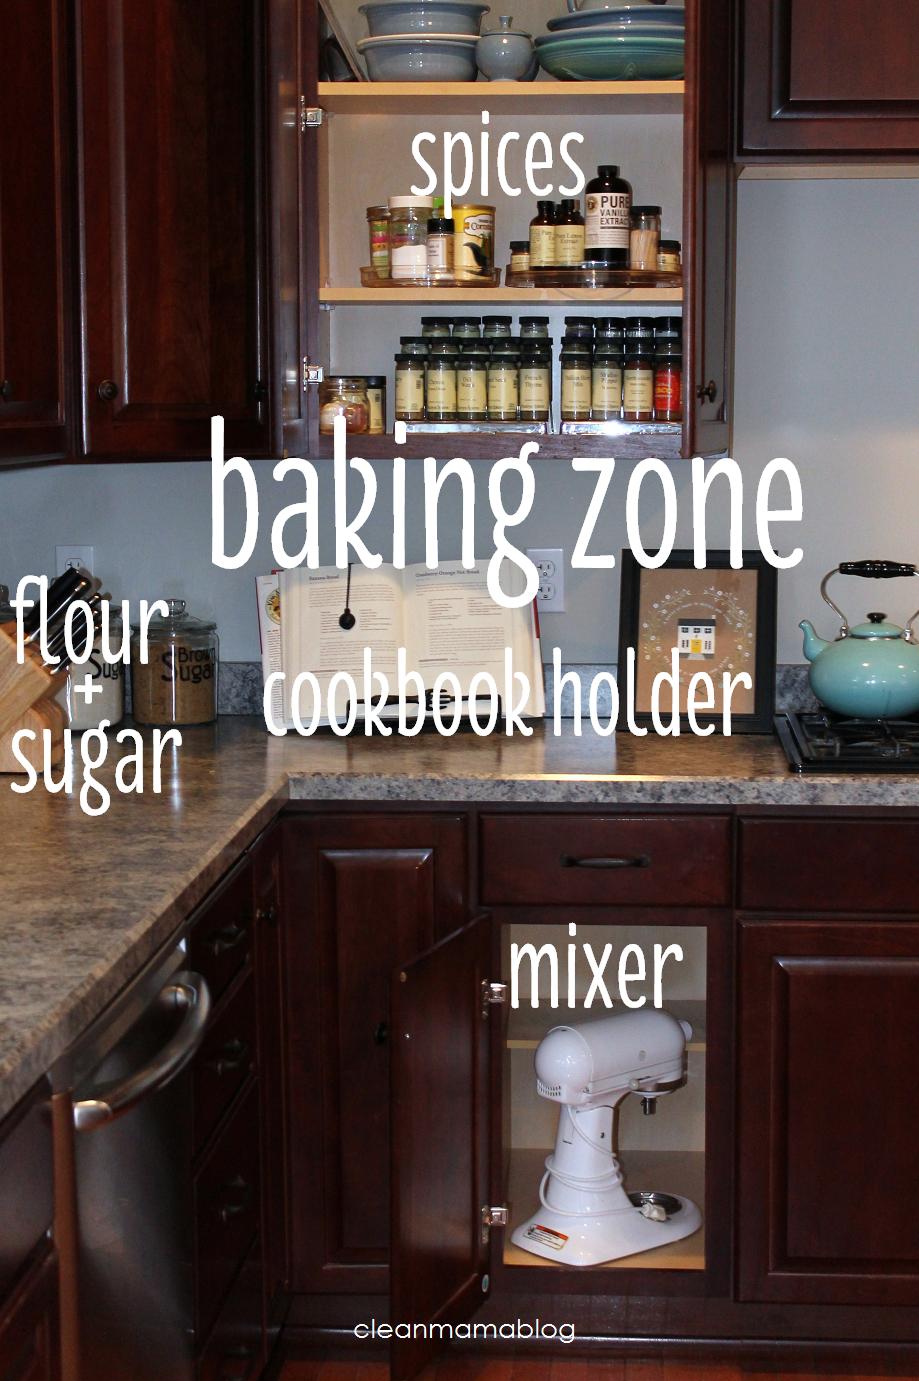 kitchen organization create zones new kitchen kitchen organization home kitchens on organizing kitchen cabinets zones id=15457